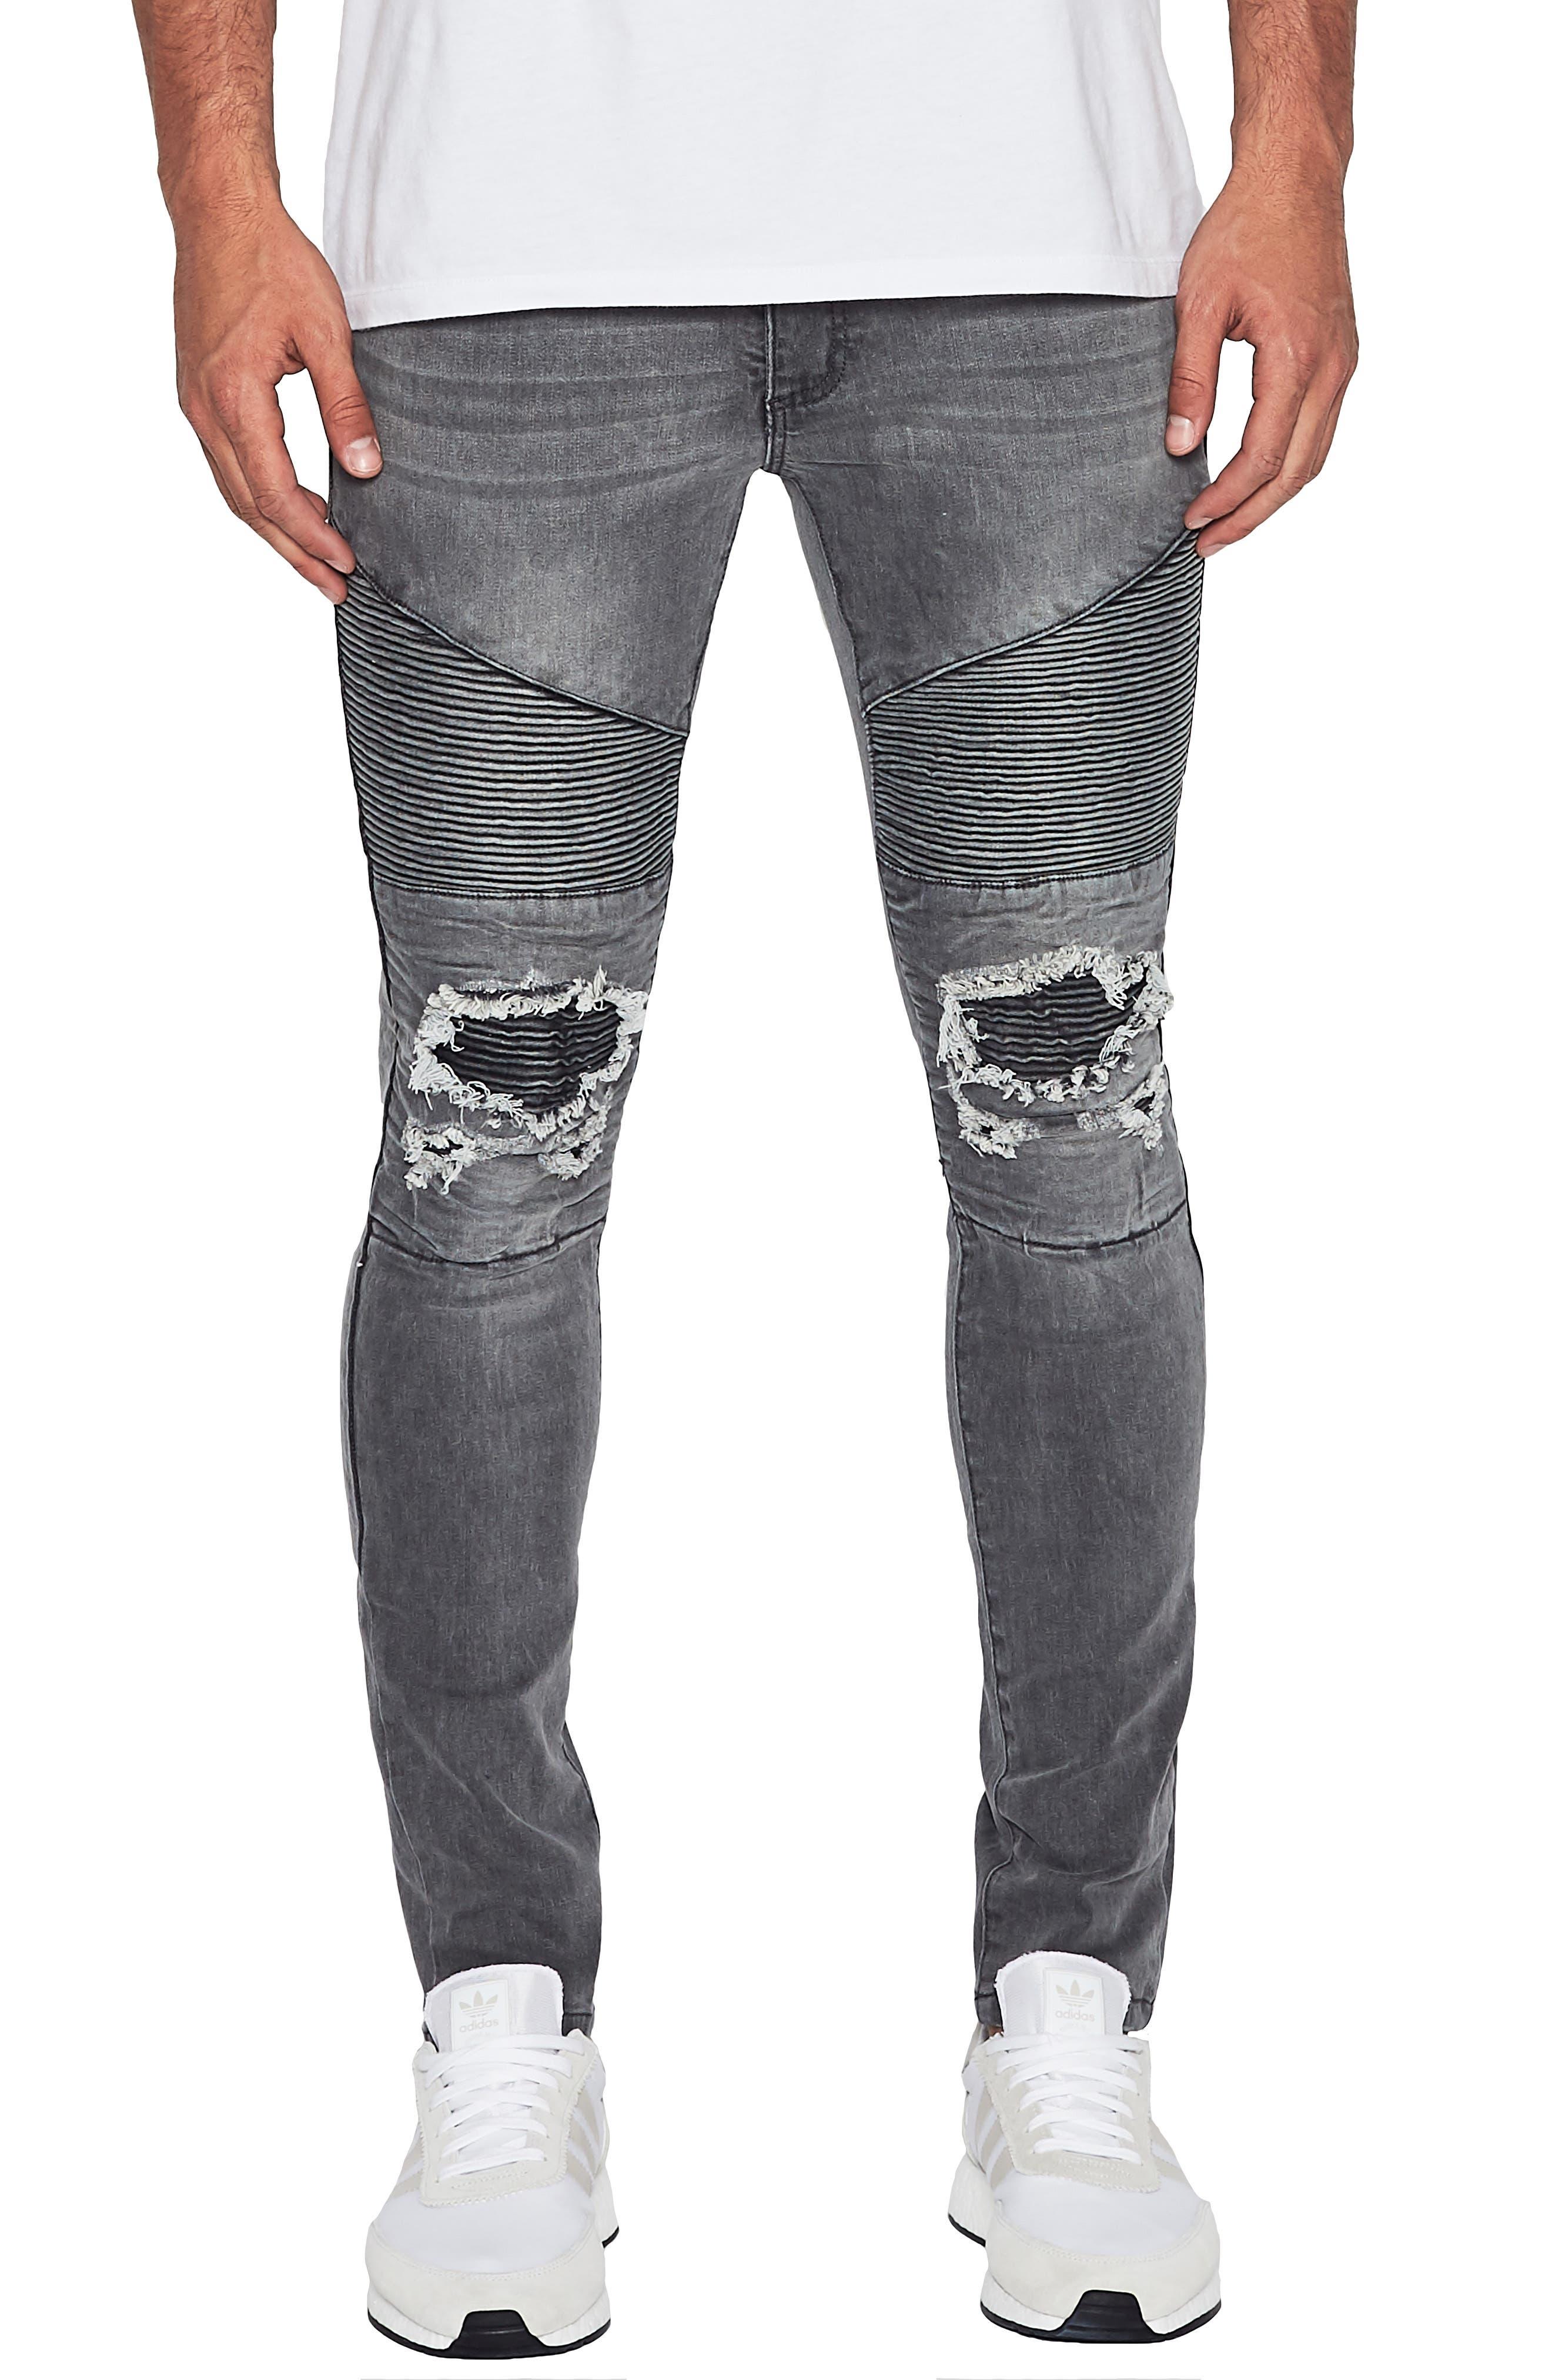 NXP Combination Moto Skinny Moto Jeans in Grey Trash